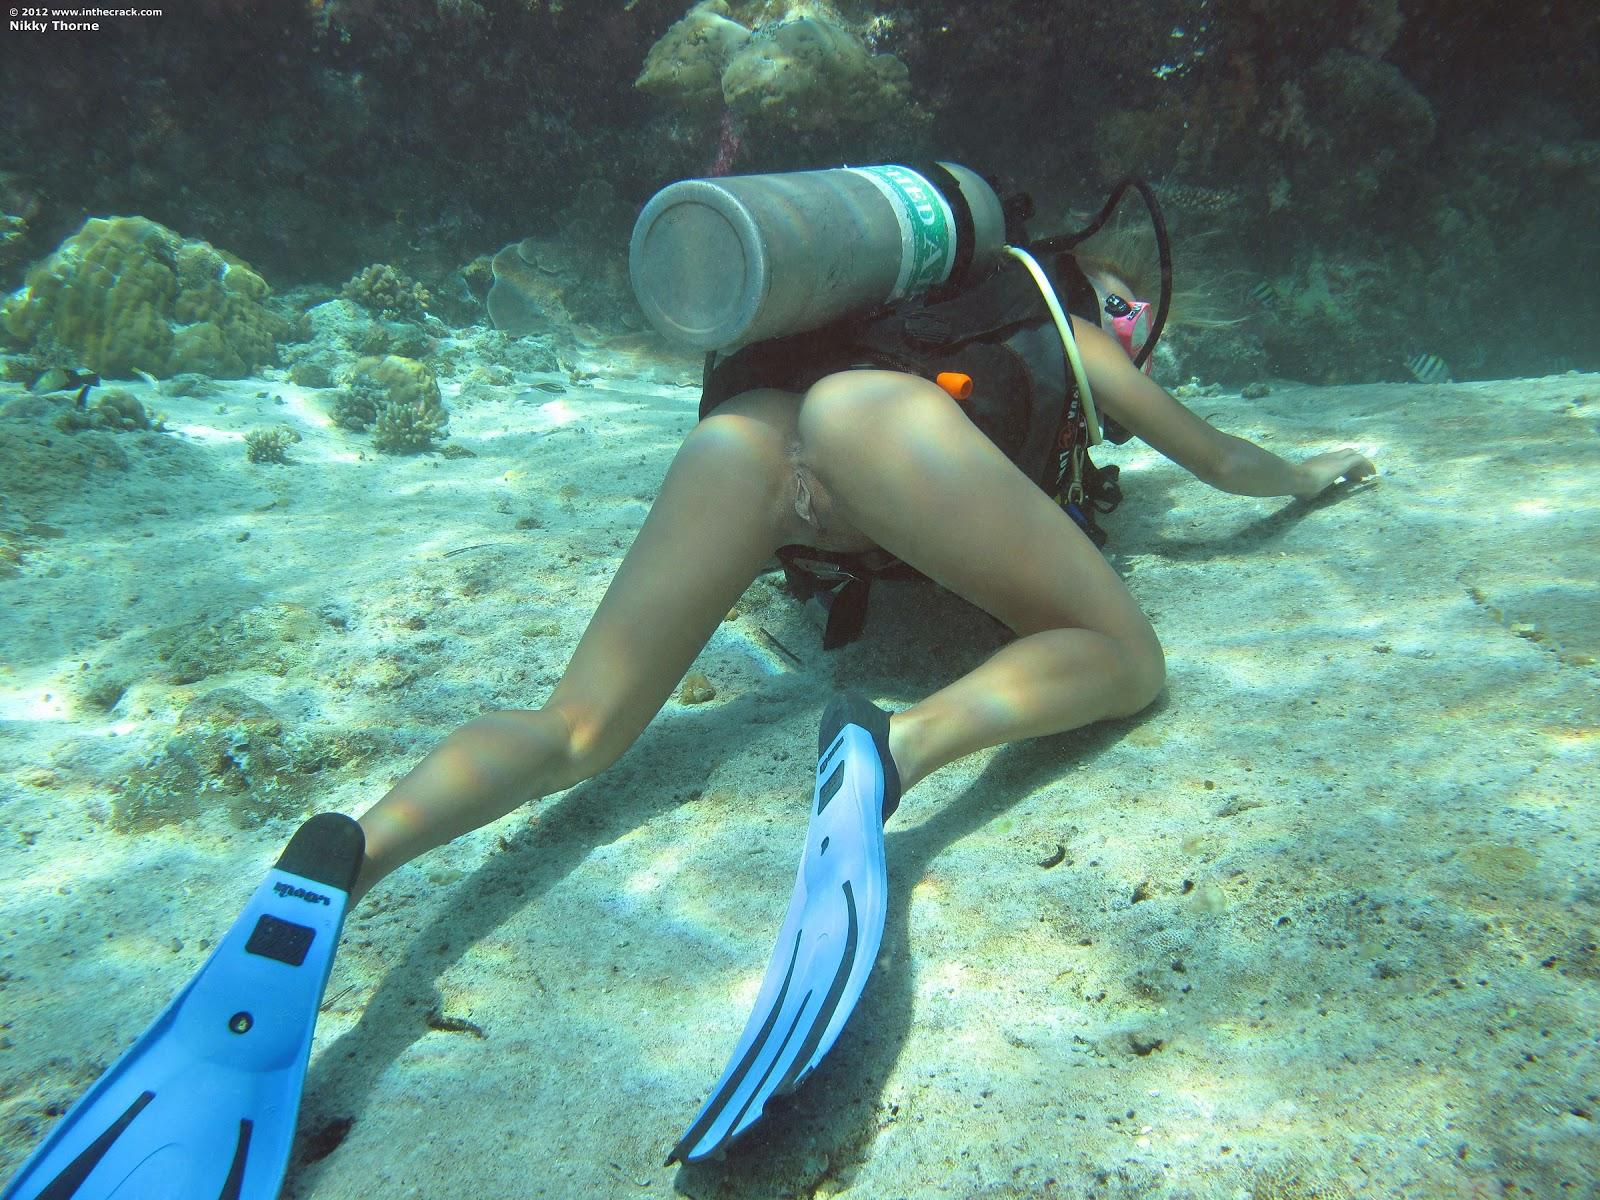 Фото пизды под водой 12 фотография